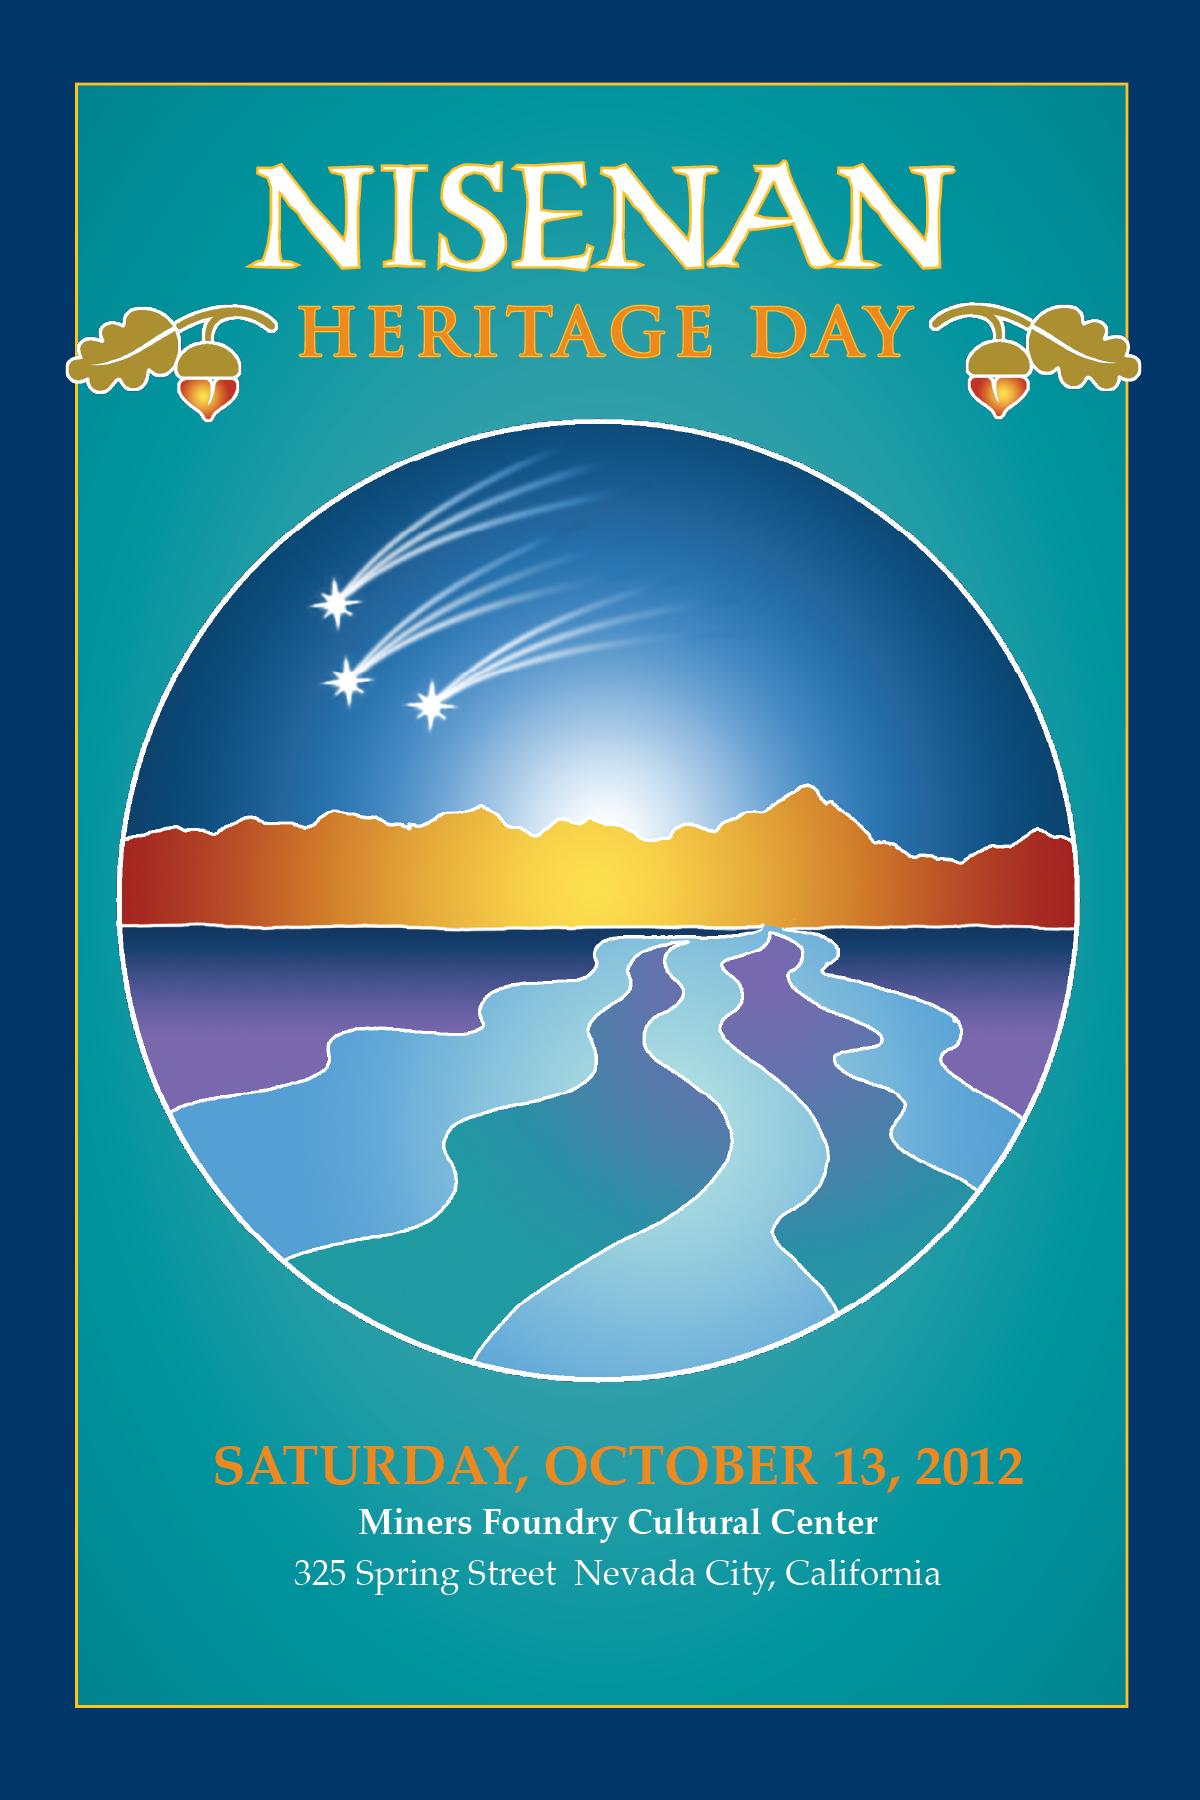 Nisenan Heritage Day